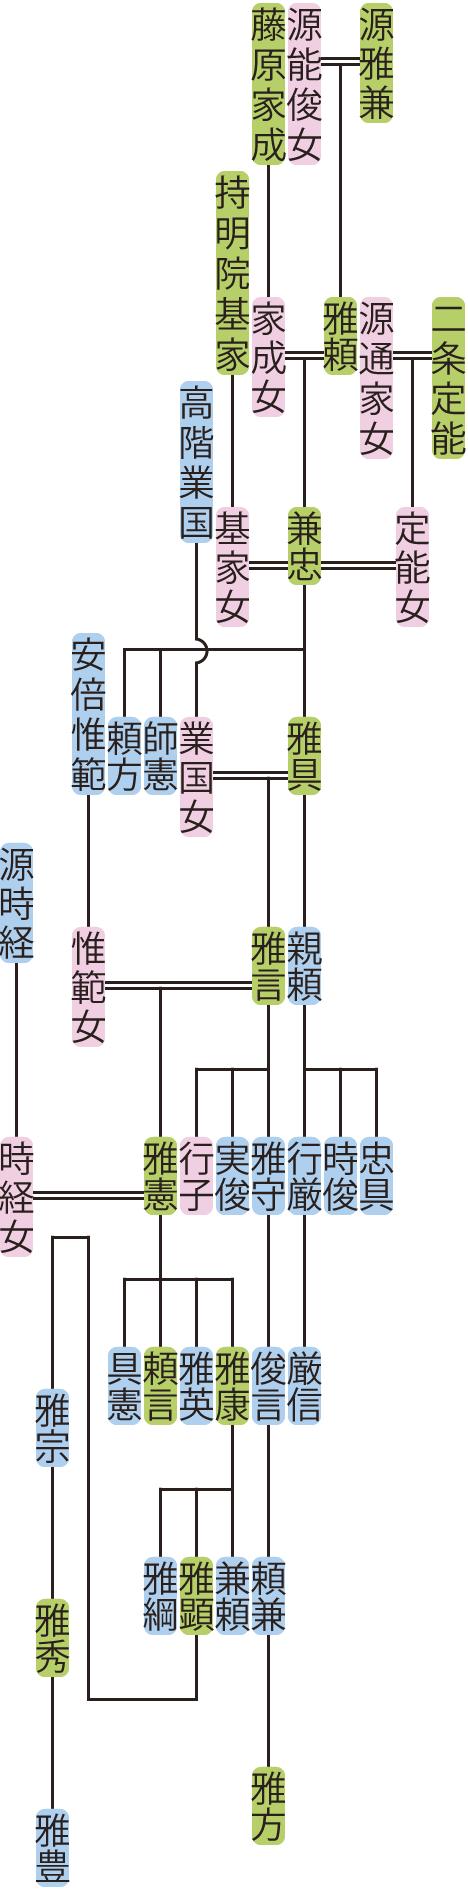 源兼忠の系図